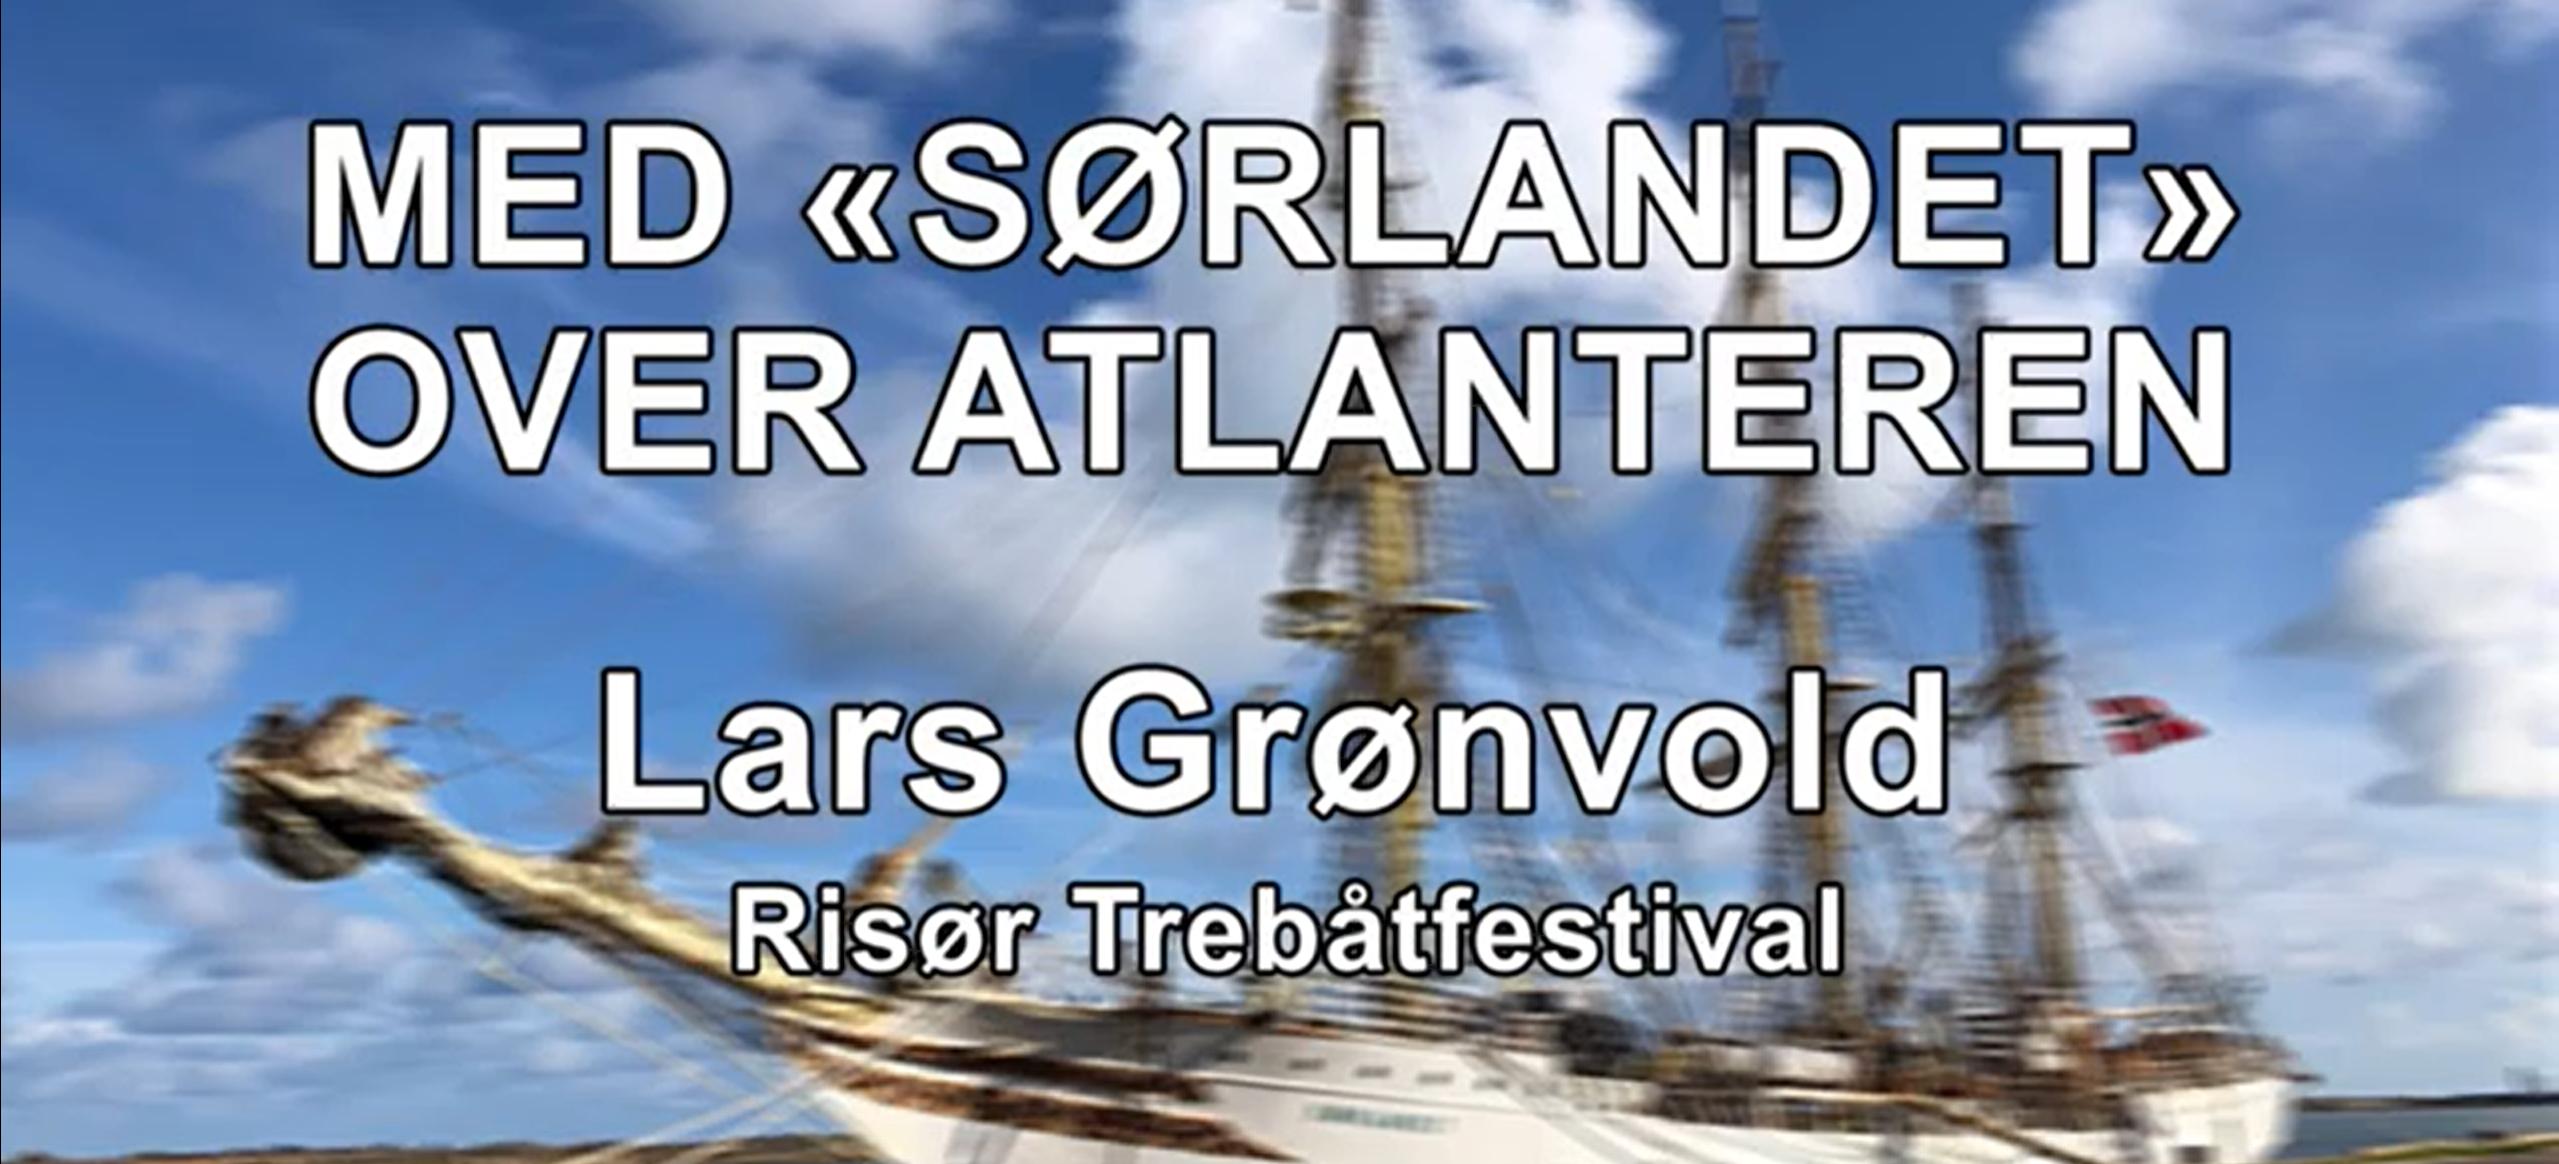 """Med """"Sørlandet"""" over Atlanteren - Lars Grønvold"""